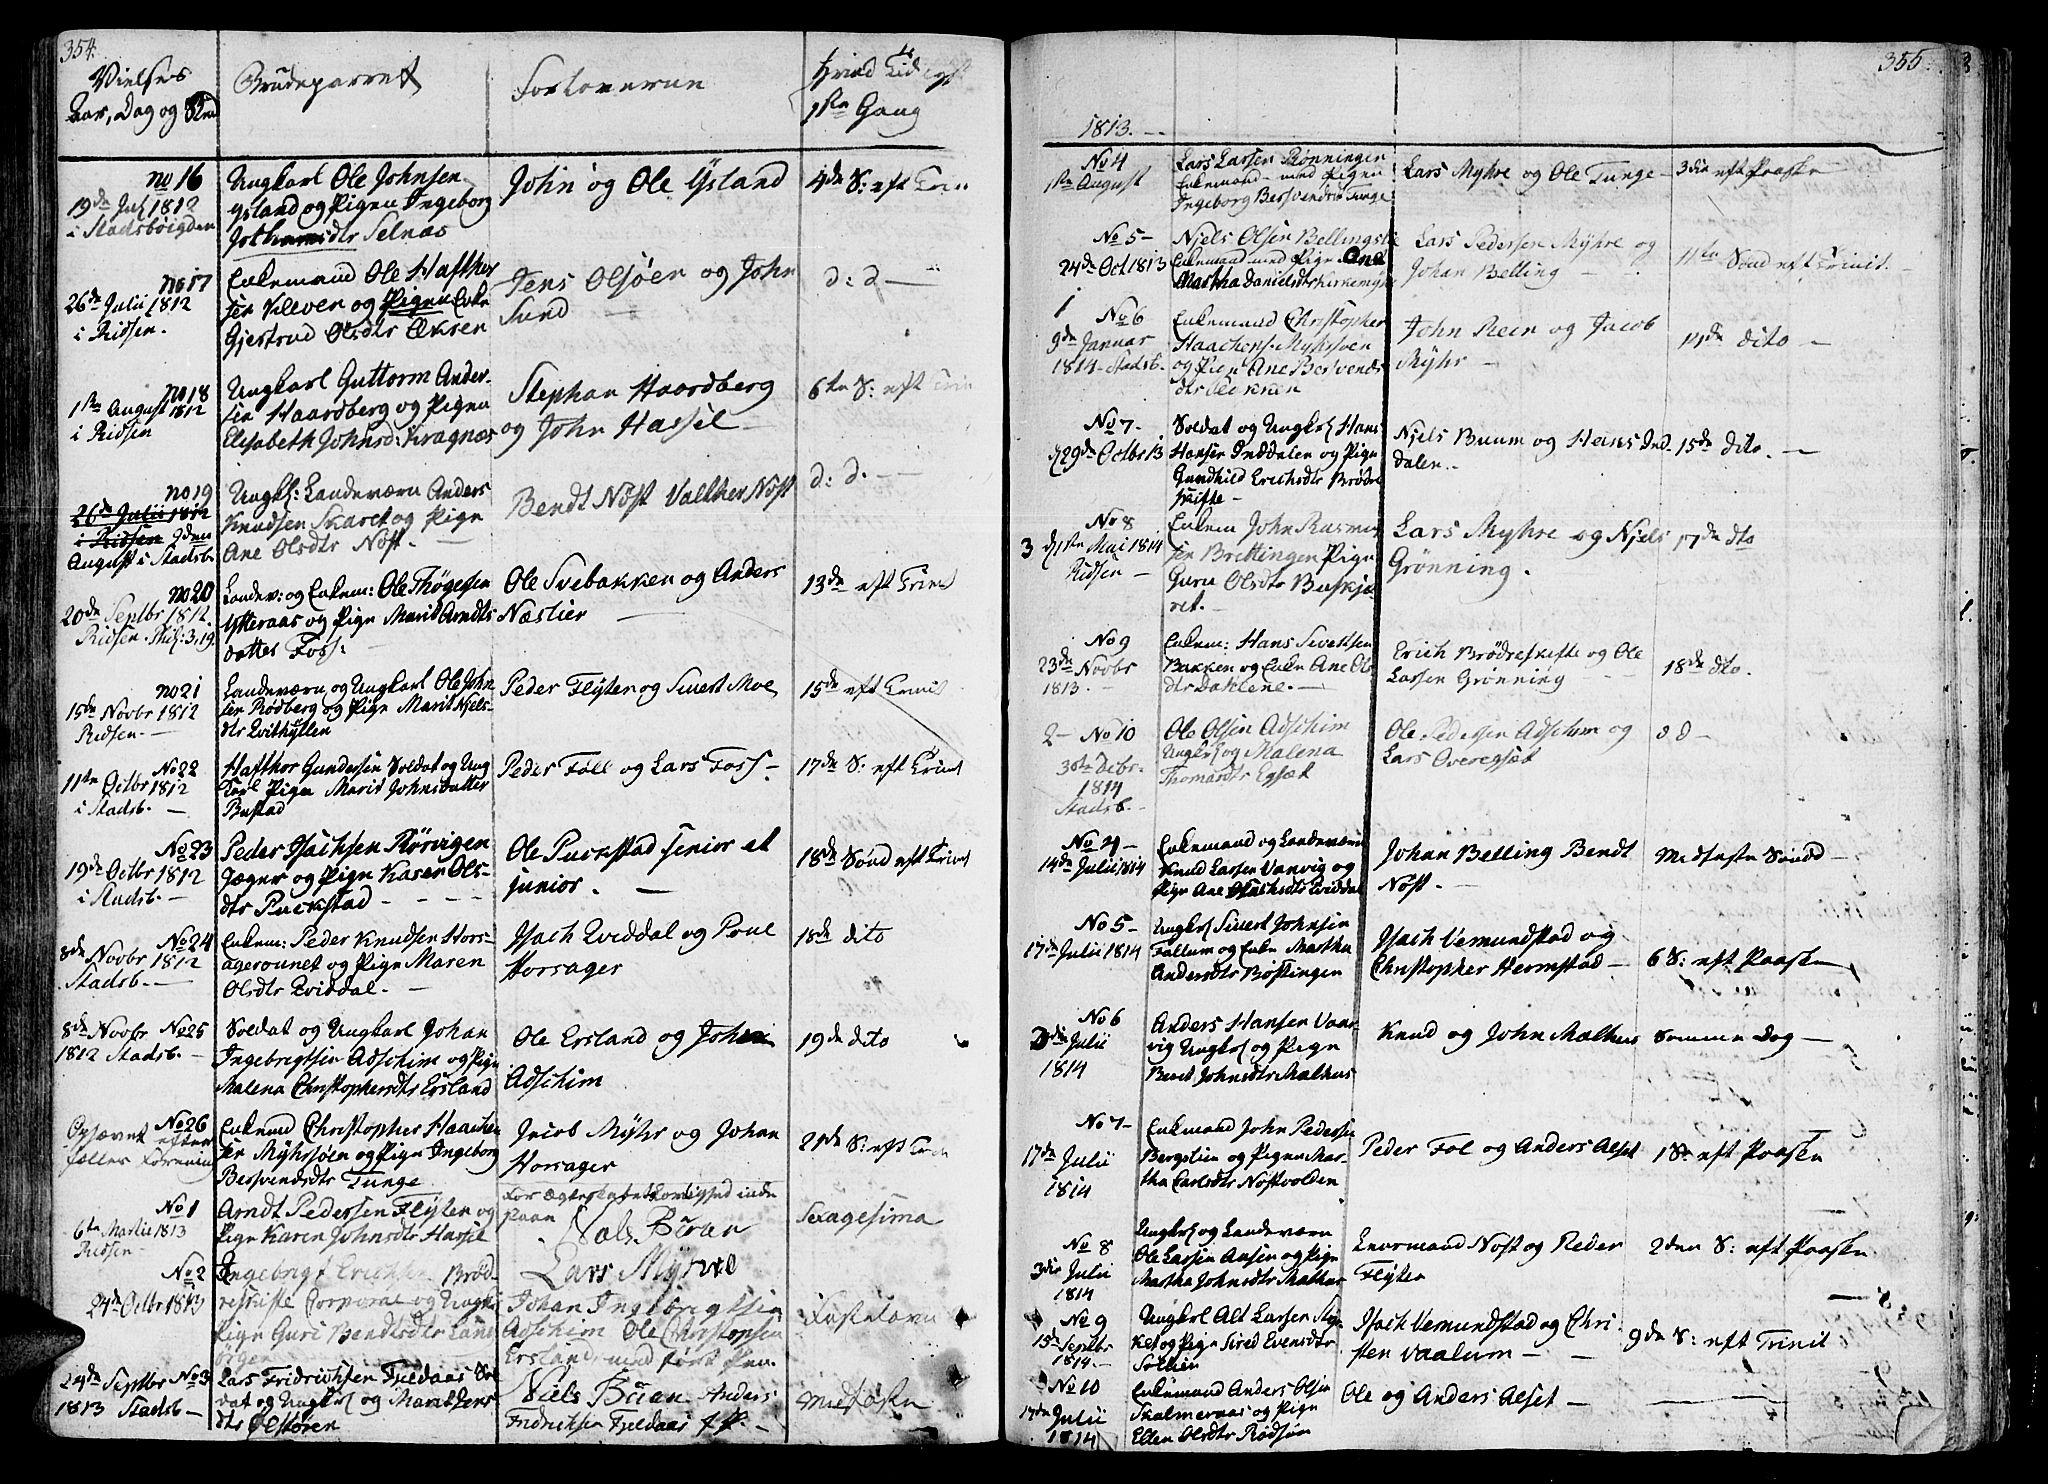 SAT, Ministerialprotokoller, klokkerbøker og fødselsregistre - Sør-Trøndelag, 646/L0607: Ministerialbok nr. 646A05, 1806-1815, s. 354-355